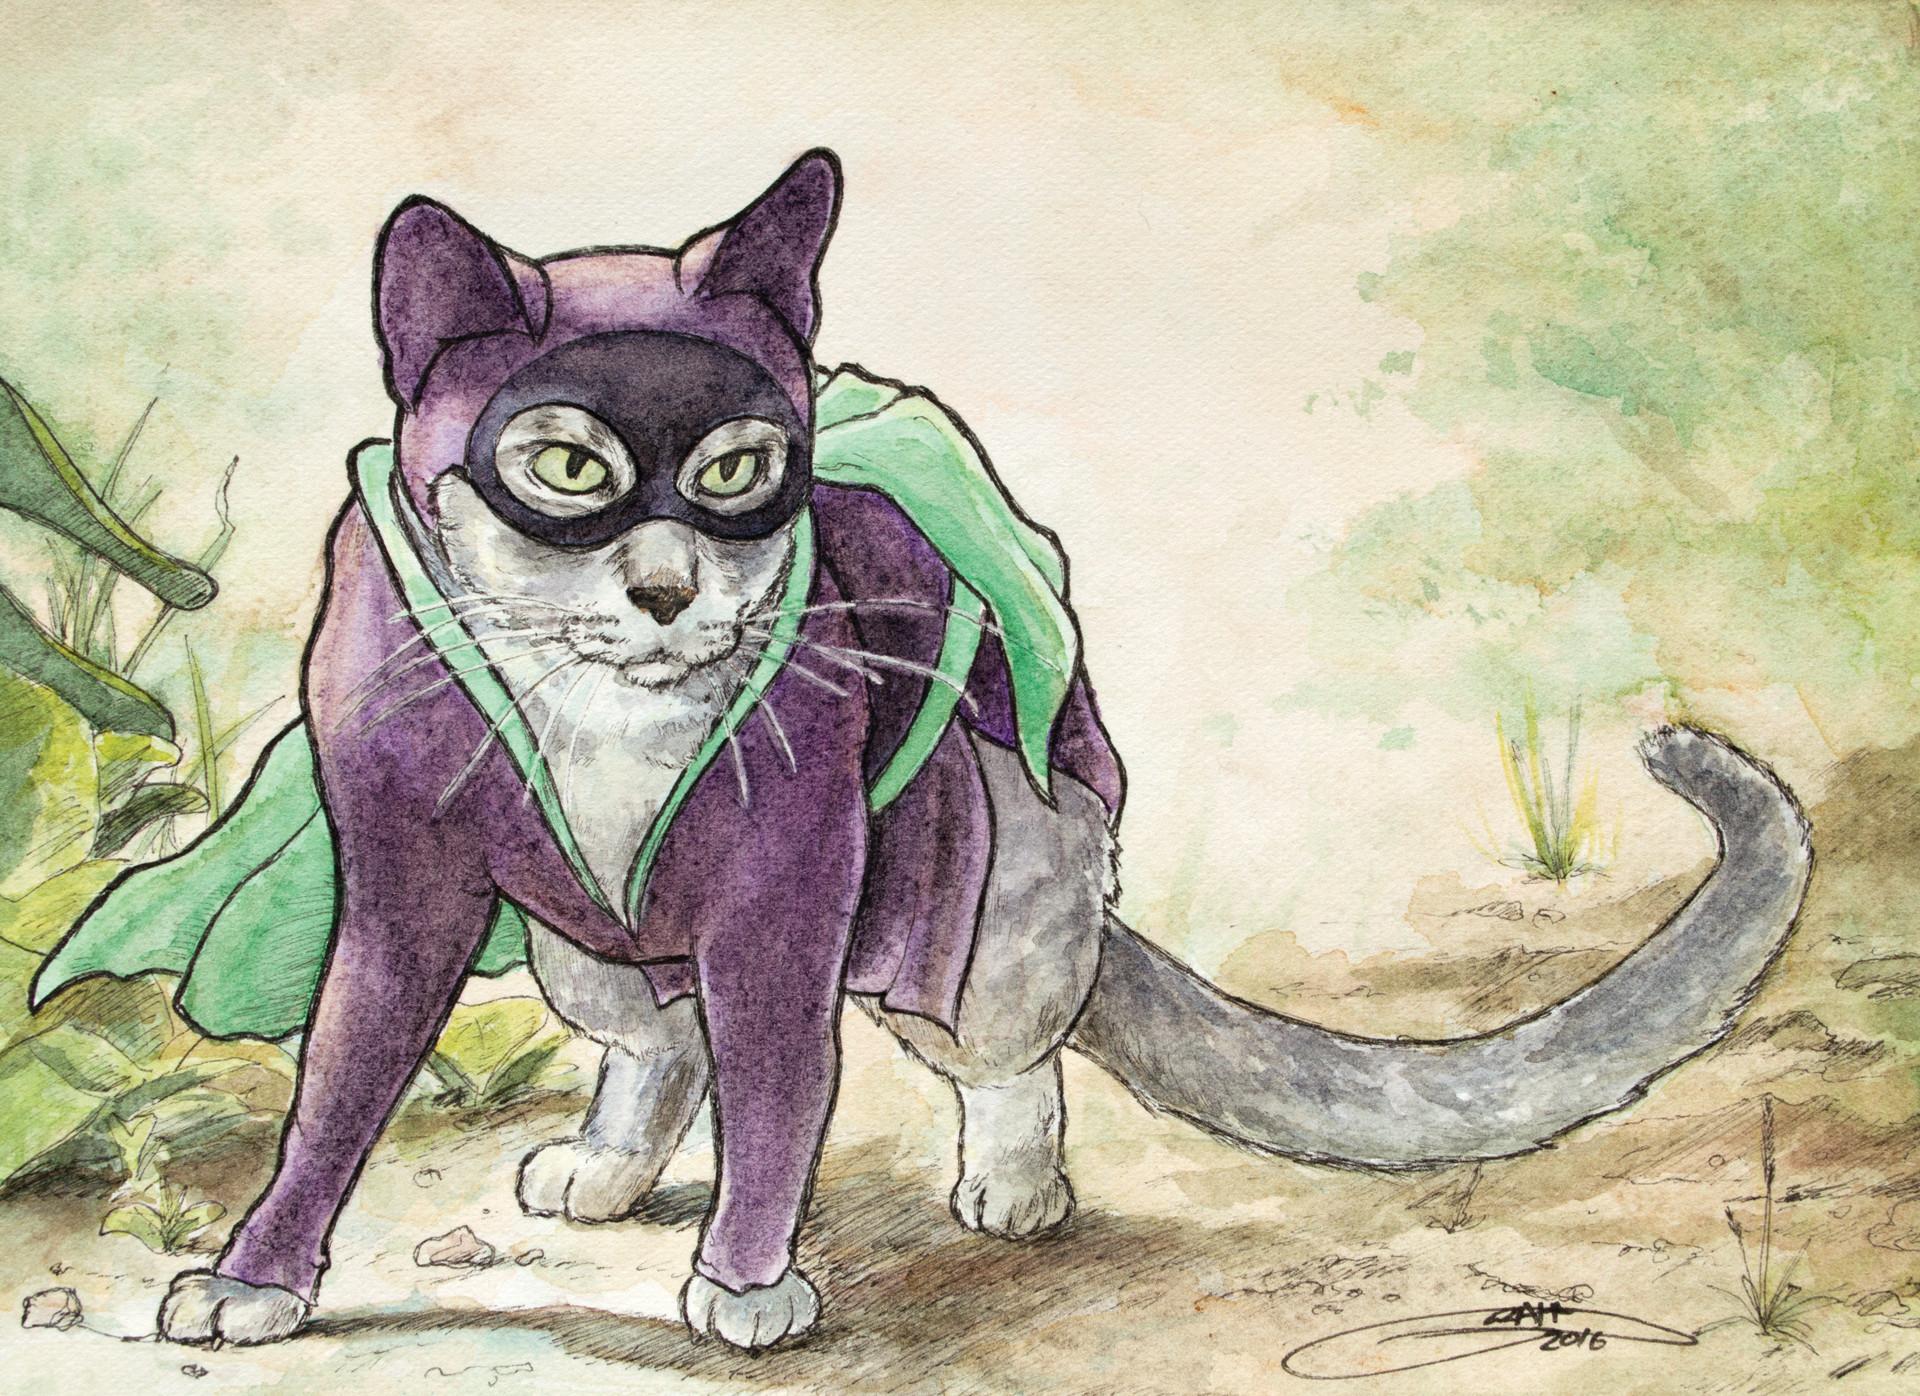 Graham moogk soulis moogk soulis cat full